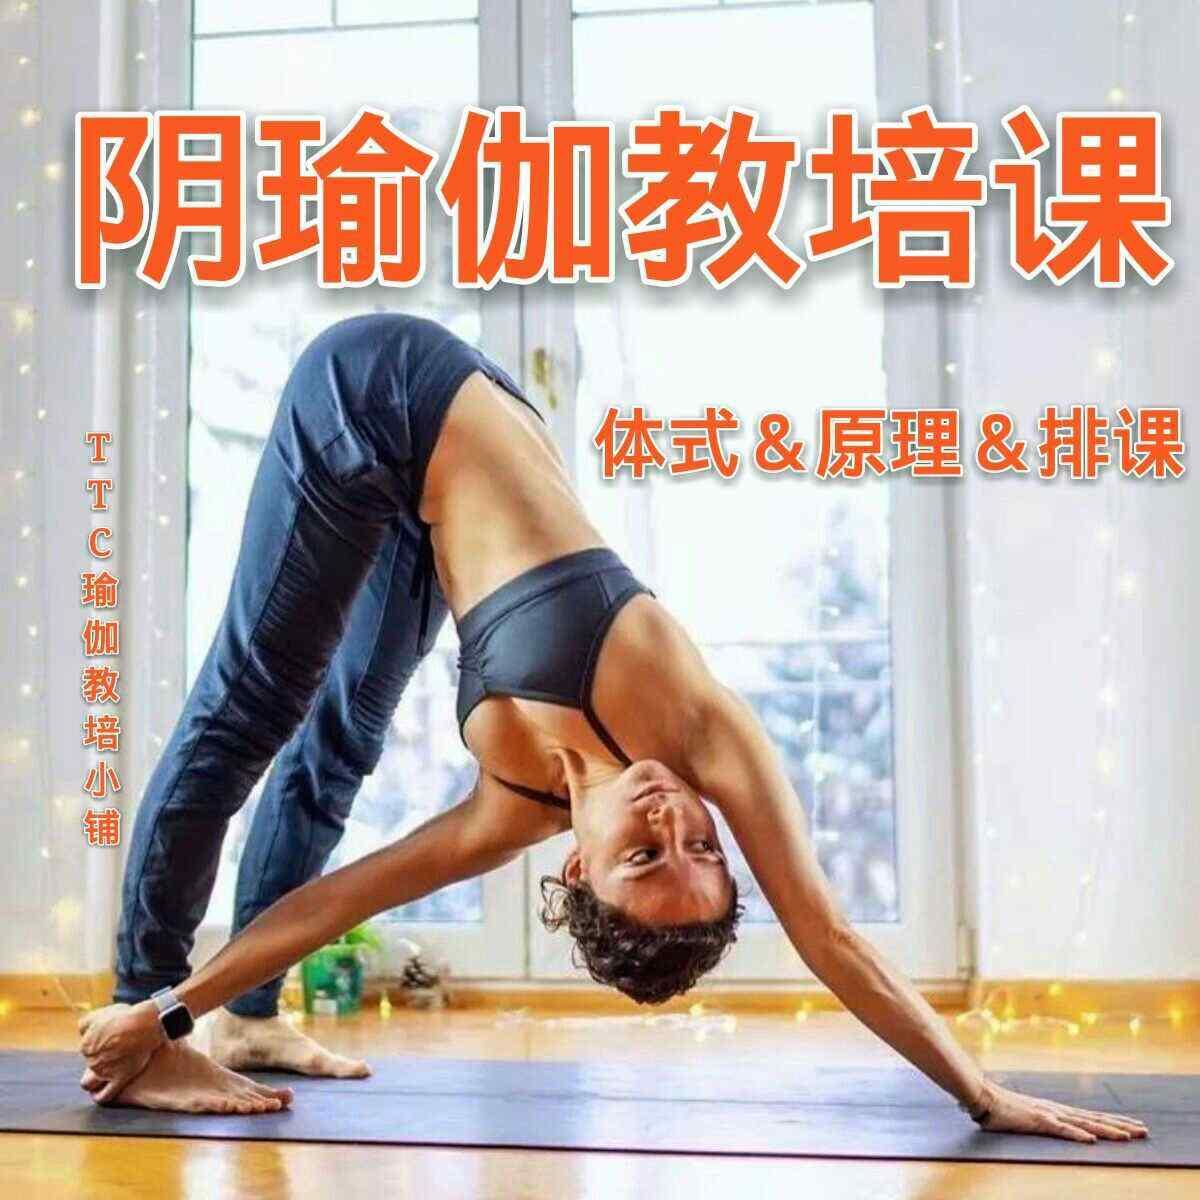 阴瑜伽视频教程_阴瑜伽教学视频_阴瑜伽全部体式_阴瑜伽的25个体式图